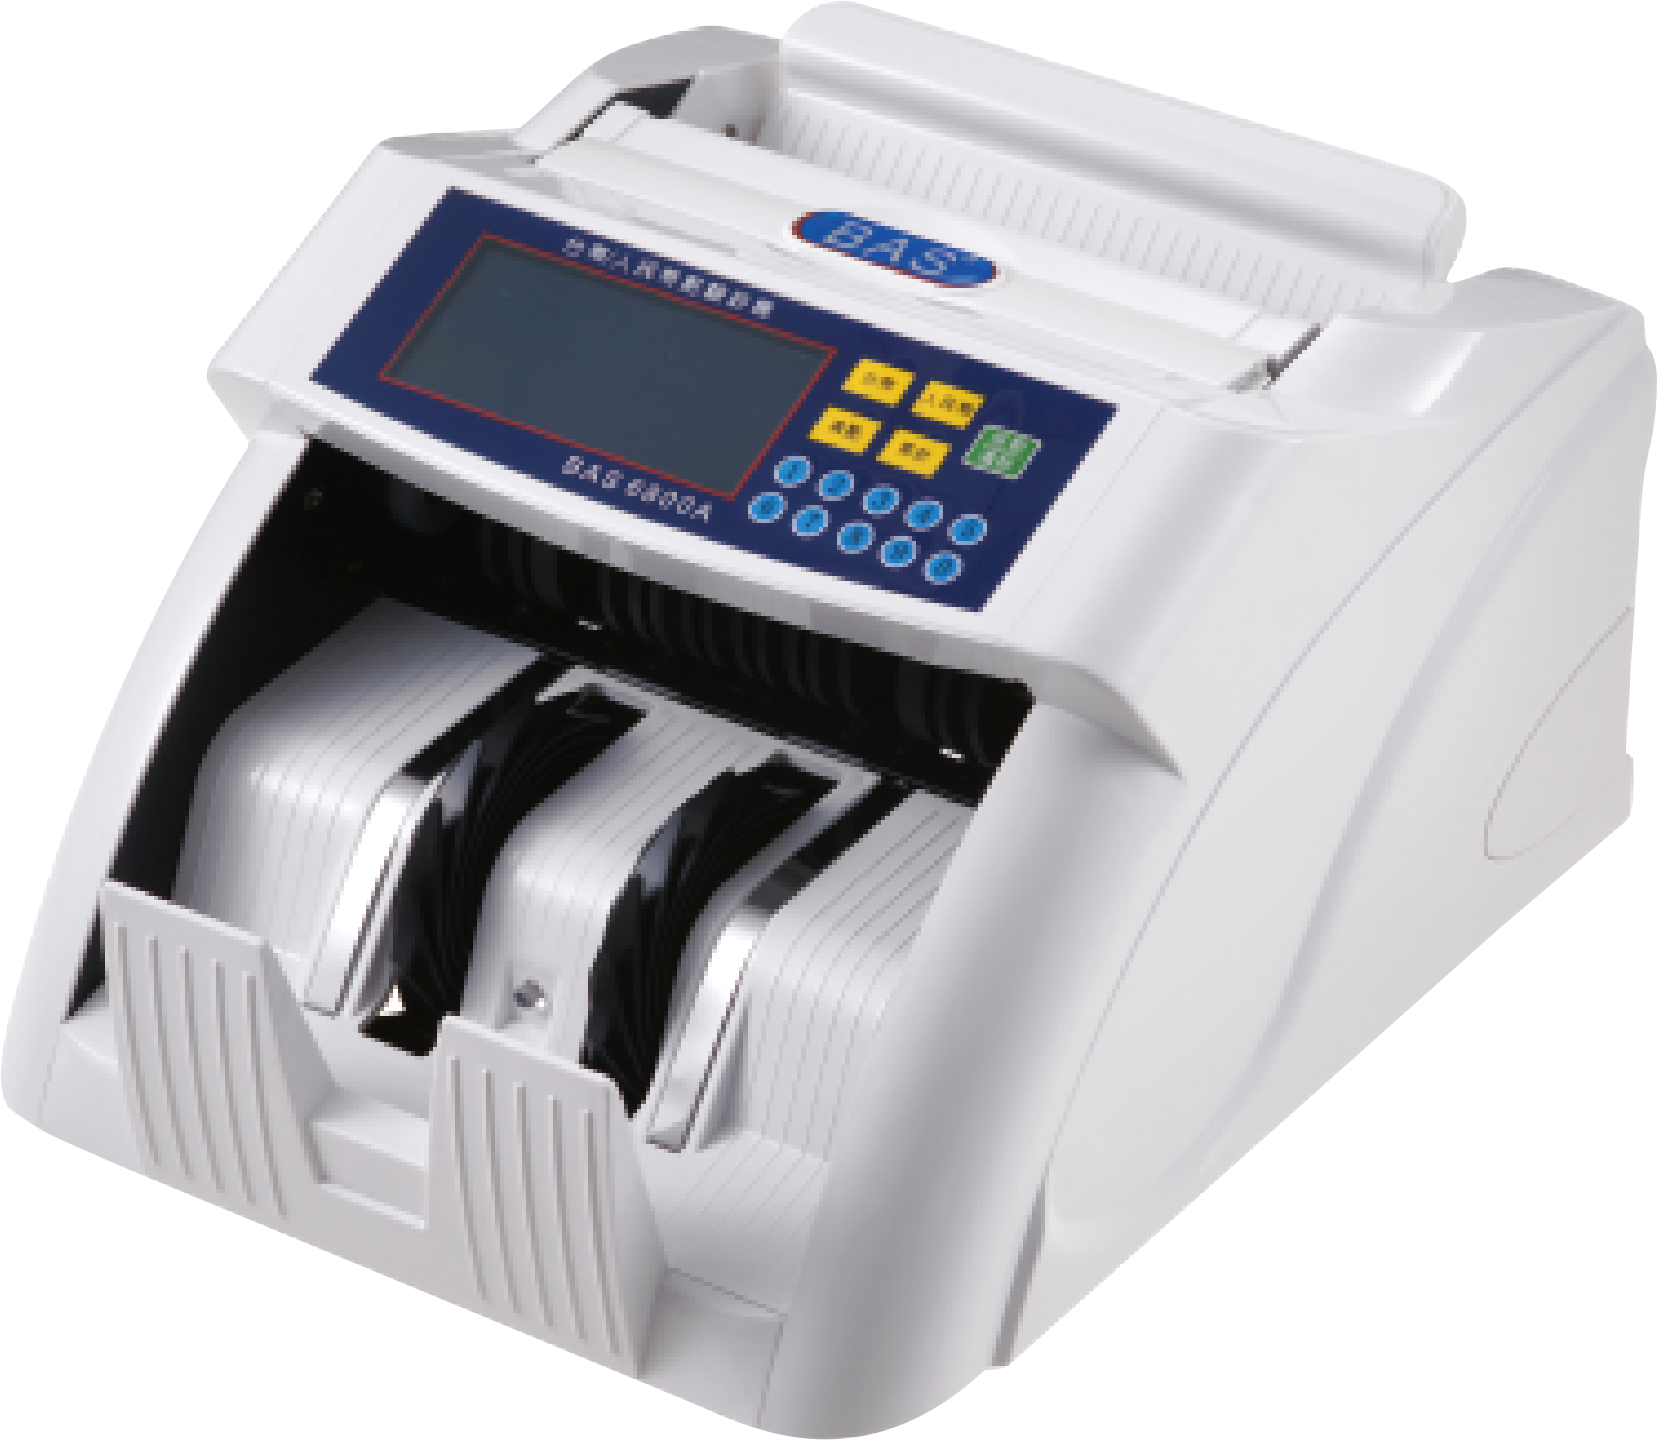 《事務機器》 全自動點驗鈔機 點鈔機 驗鈔機 BAS 6800A (台幣、人民幣)[自動數鈔/記憶模式/警示裝置/故障顯示] S735